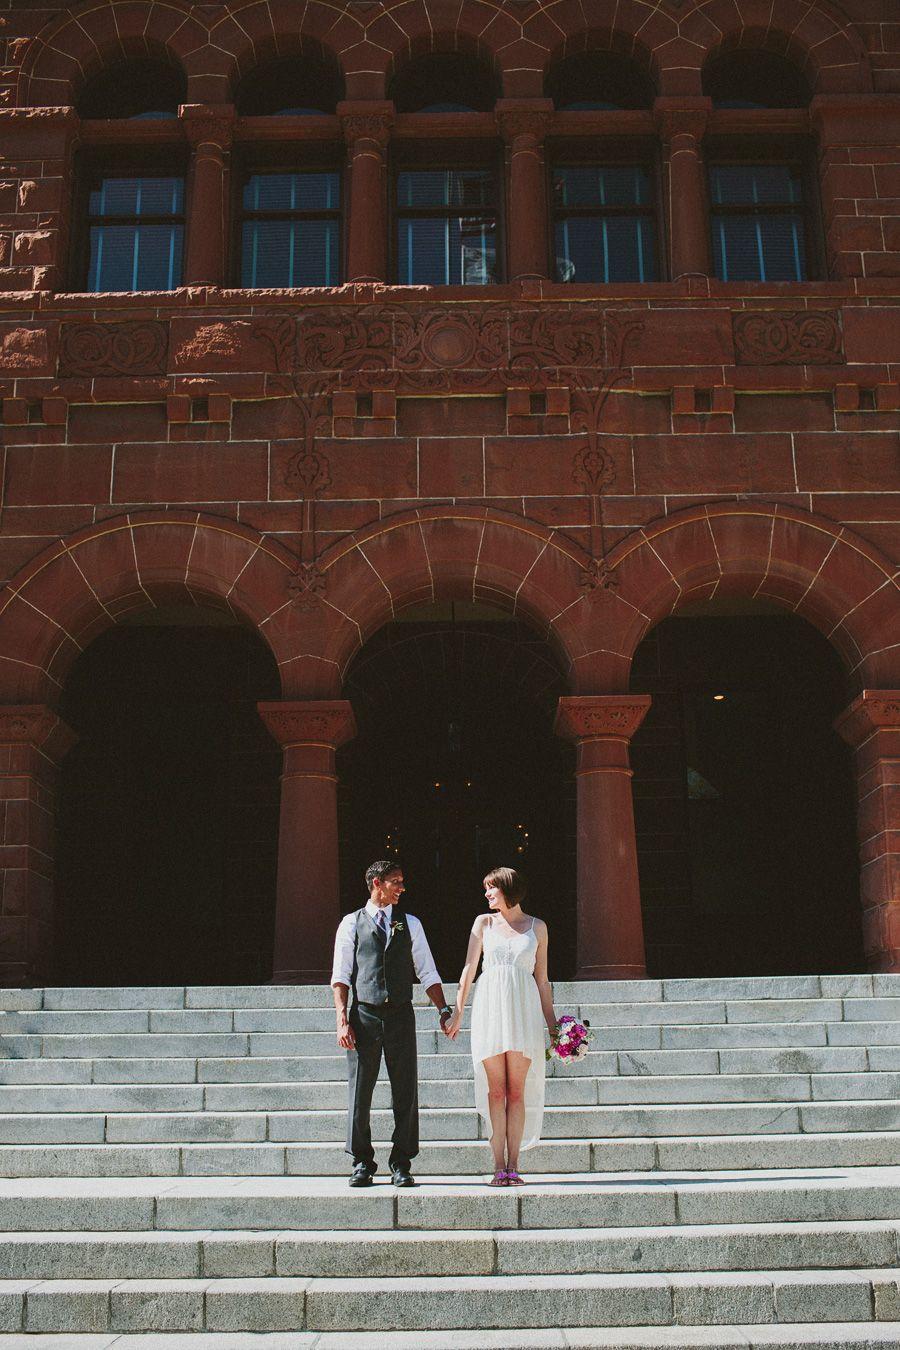 Orange County Courthouse Wedding // Novel Hill studio ...